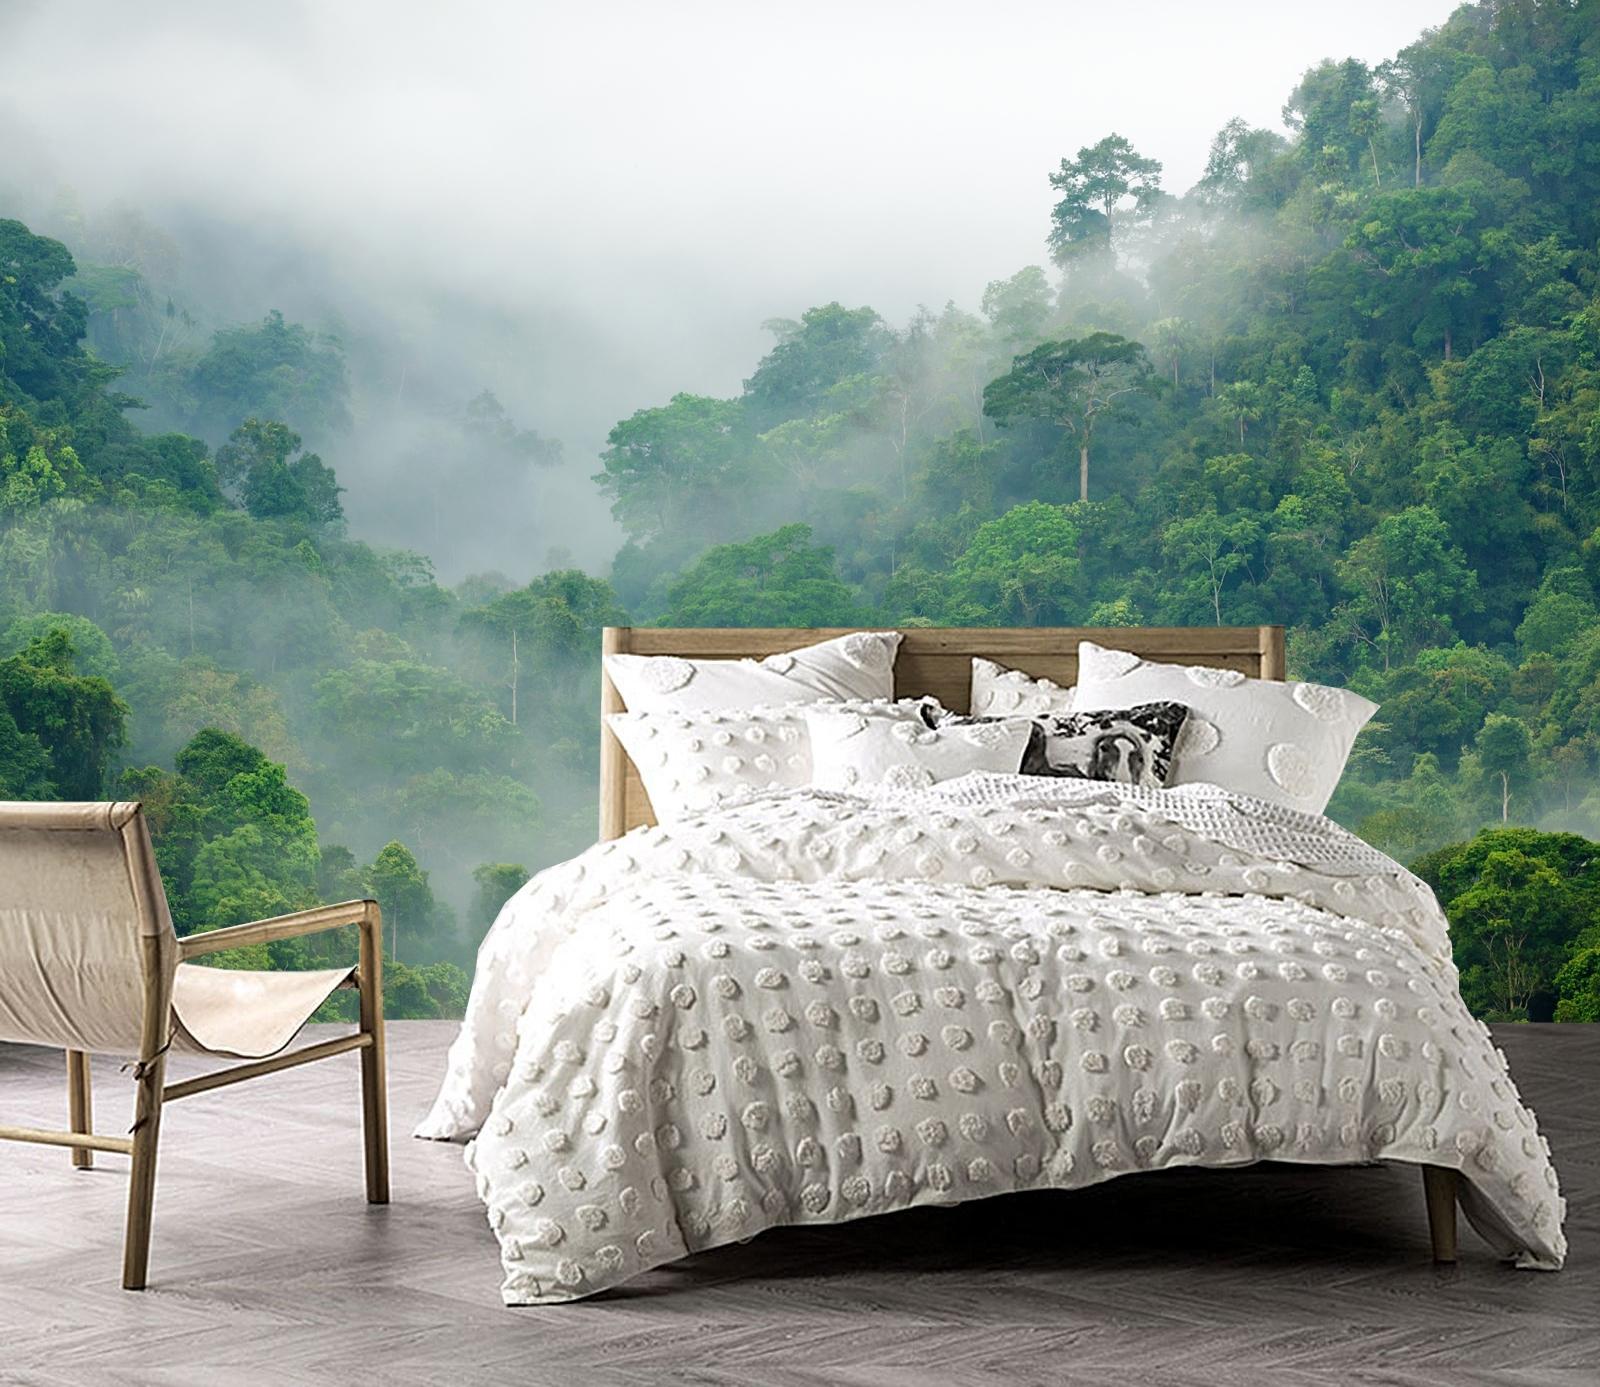 Regenwoud in de mist_vlies